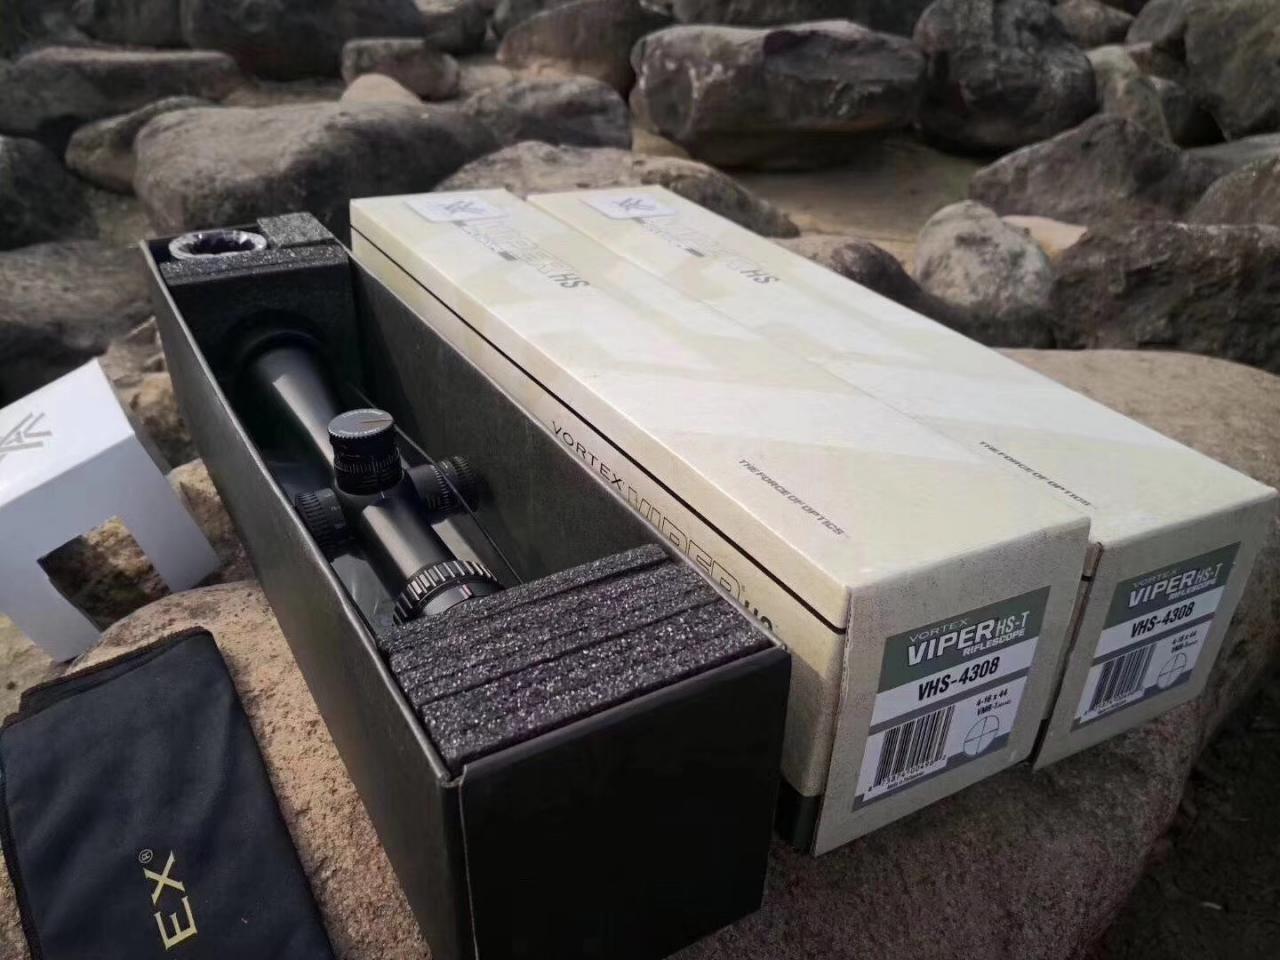 美国维特/军用级VORTEX Viper HS-T 4-16X44 SFP VMR-1 MOA瞄准镜 4308 11